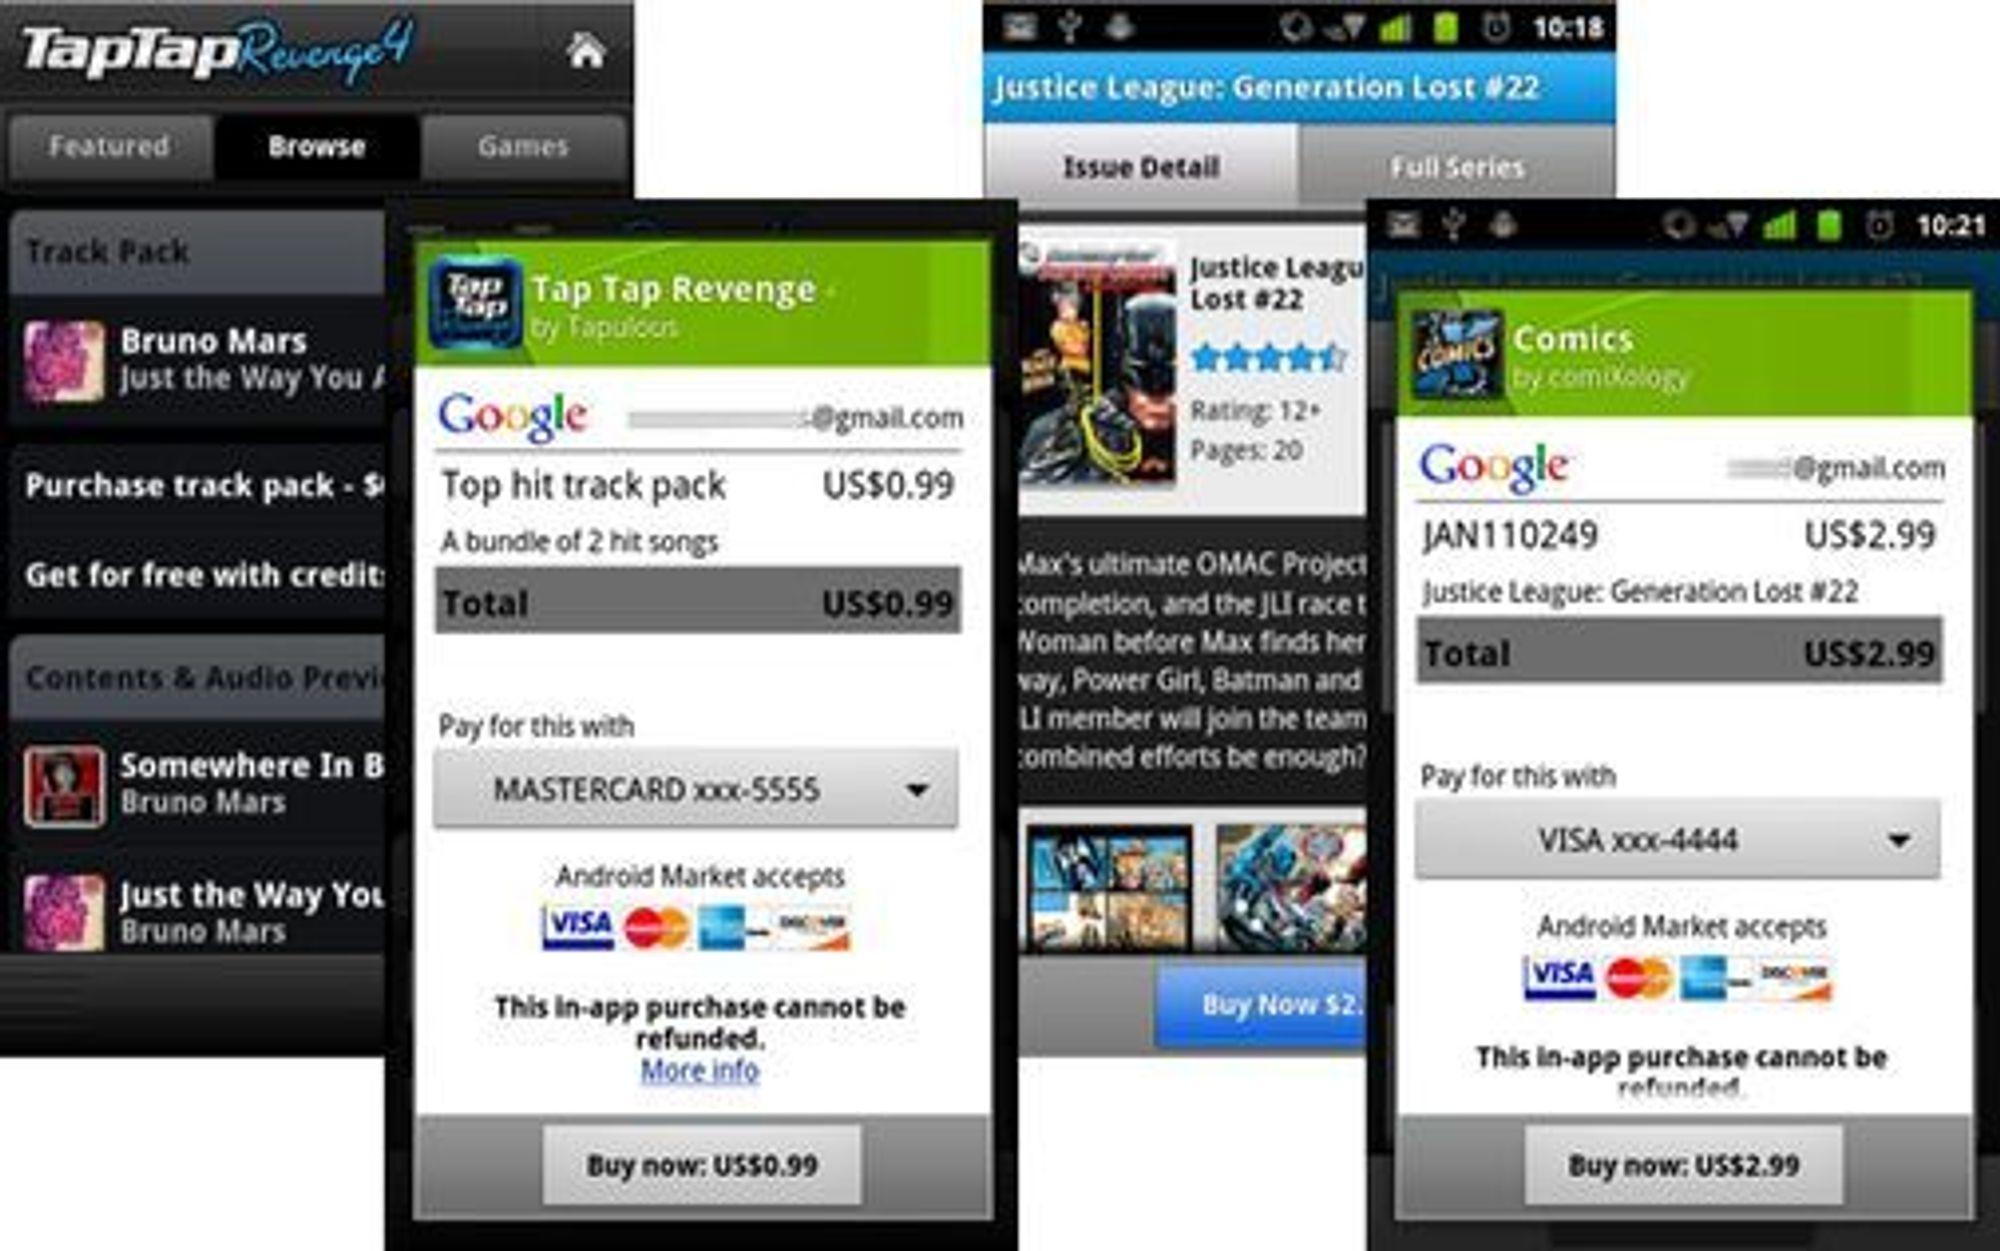 Nå kan utviklere av Android-applikasjoner ta i bruk en fast tjeneste for betaling av blant annet virtuelle varer og tjenester fra innsiden av applikasjonene.